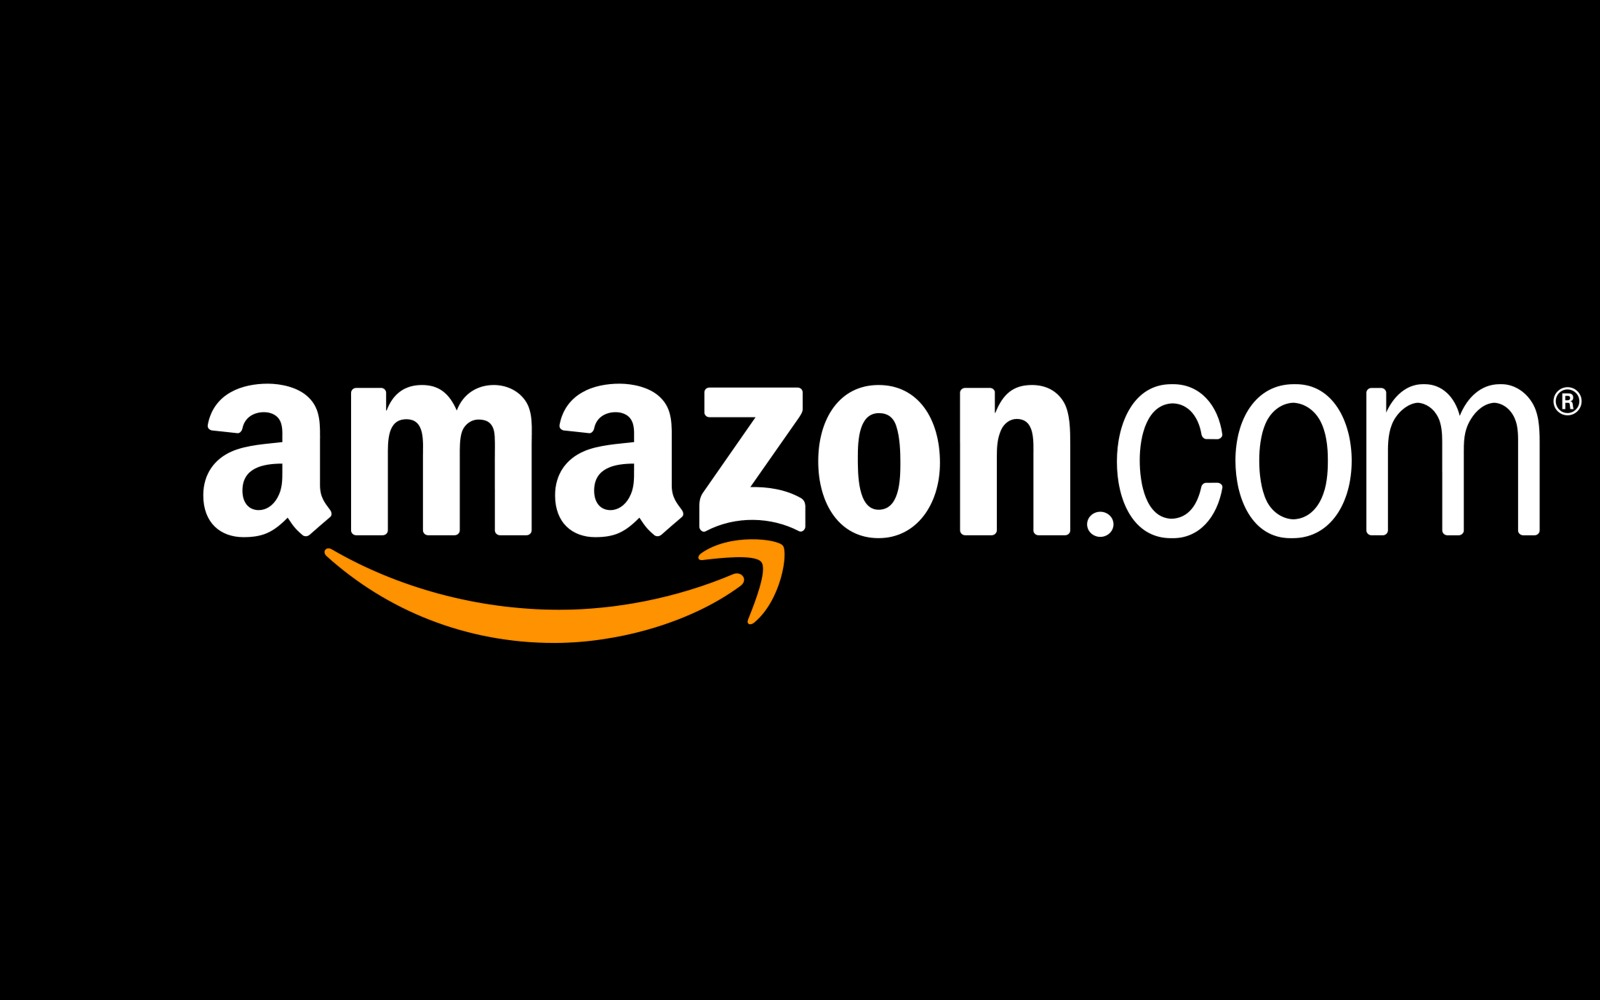 Noile smartphone-uri Amazon vor fi denumite Ice. Vezi la sunt bune